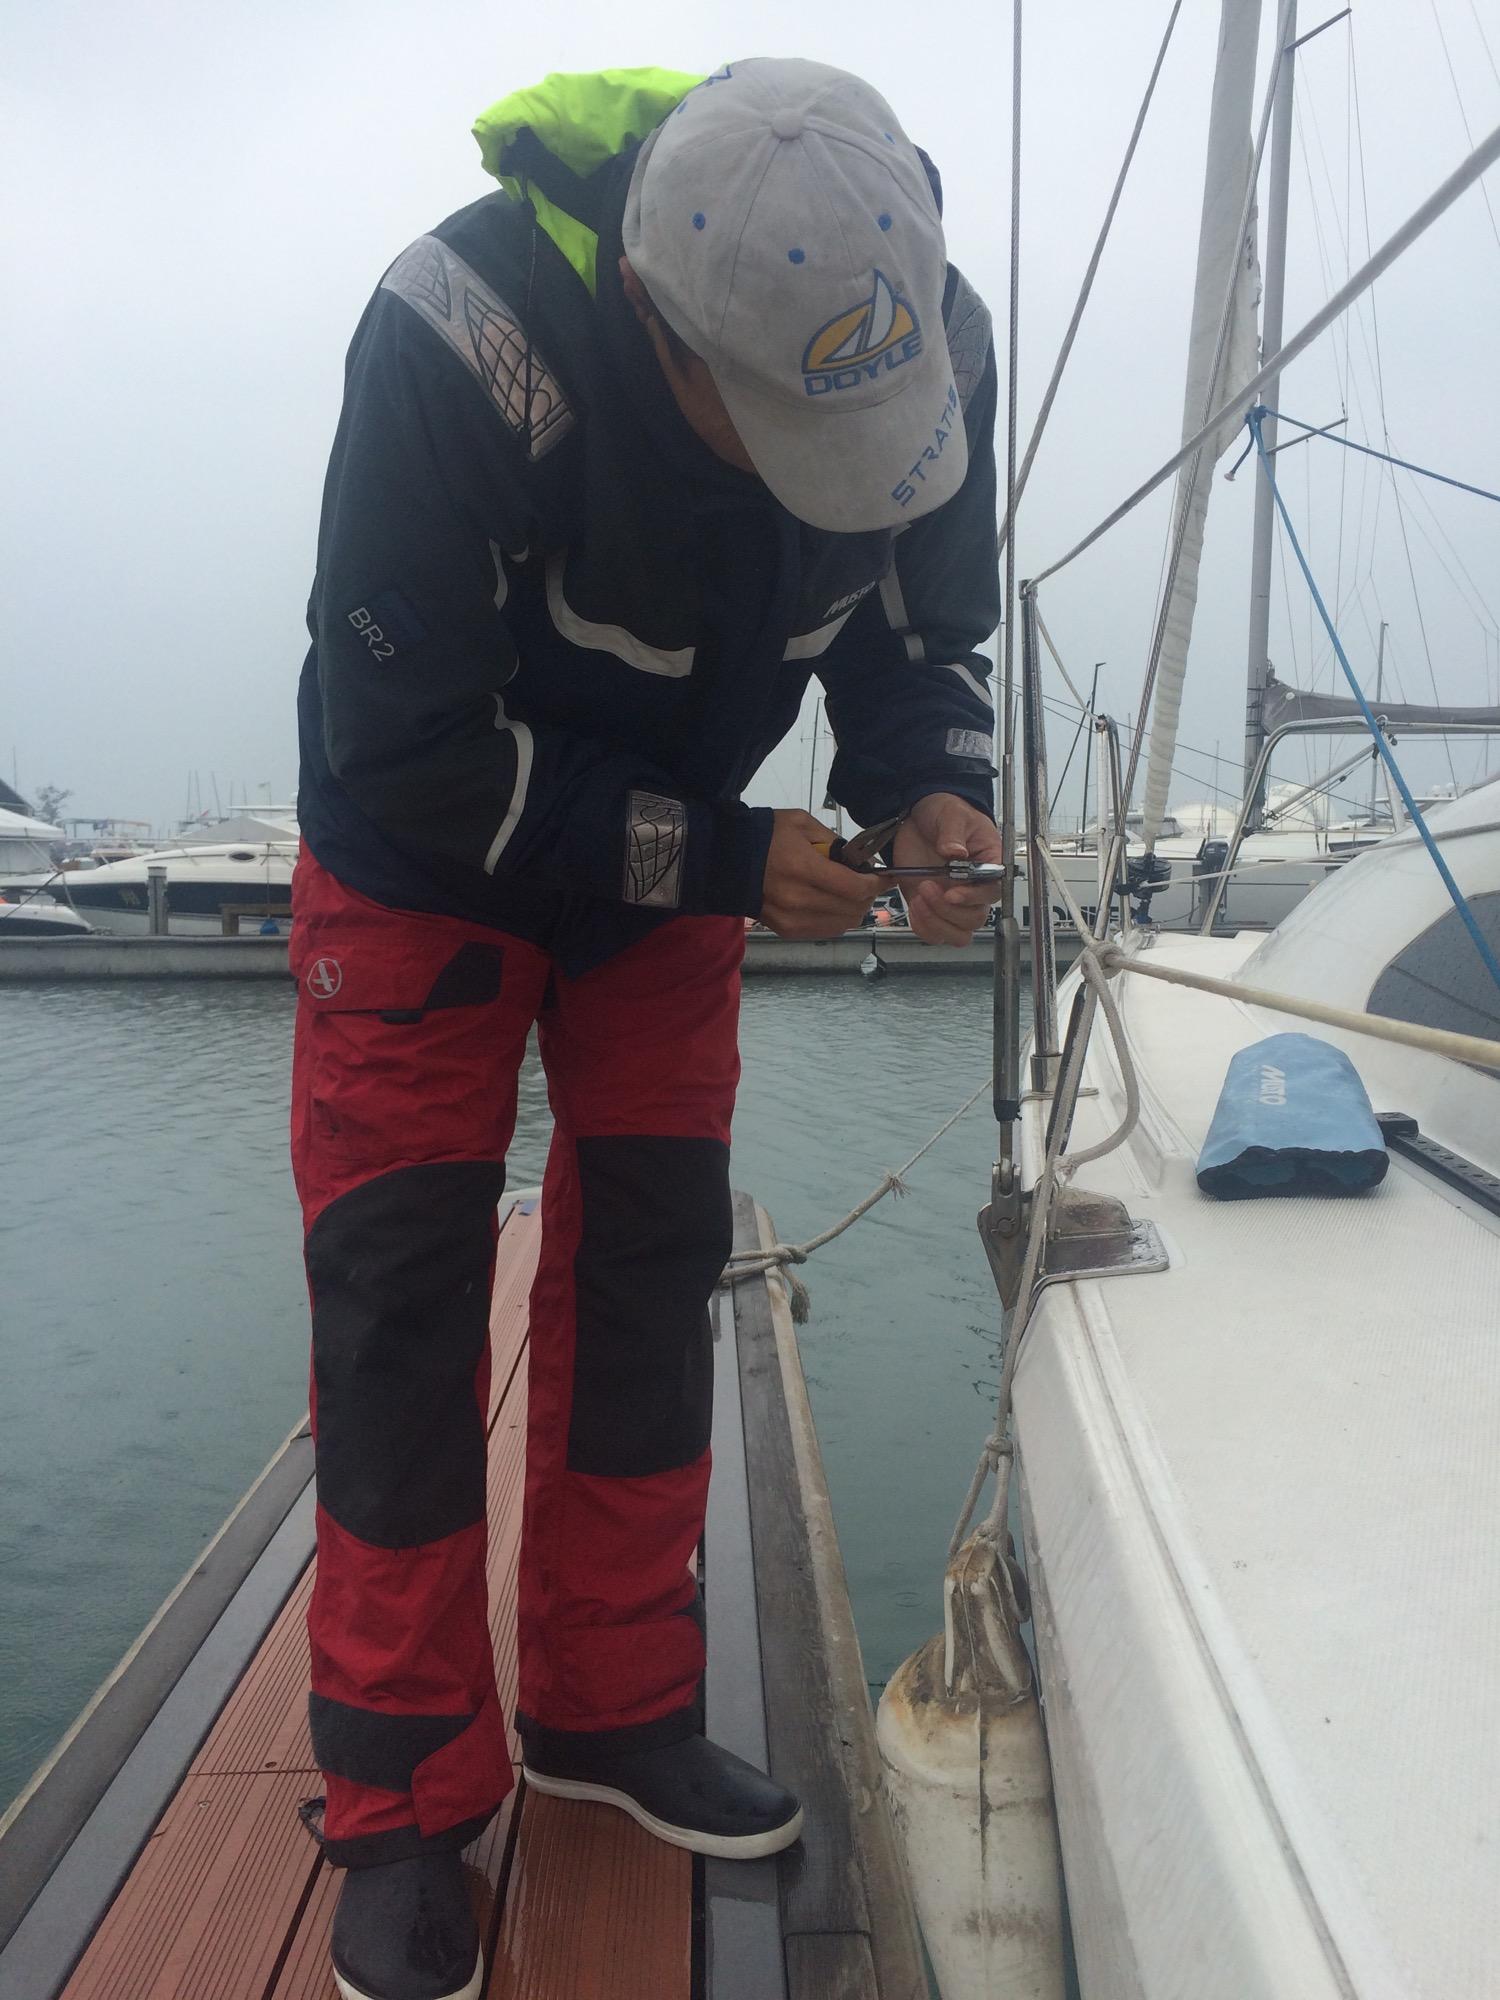 新西兰,北京,青岛,帆船,大海 一个帆船航海老菜鸟深秋细雨中的帆船赛 IMG_9002.jpg